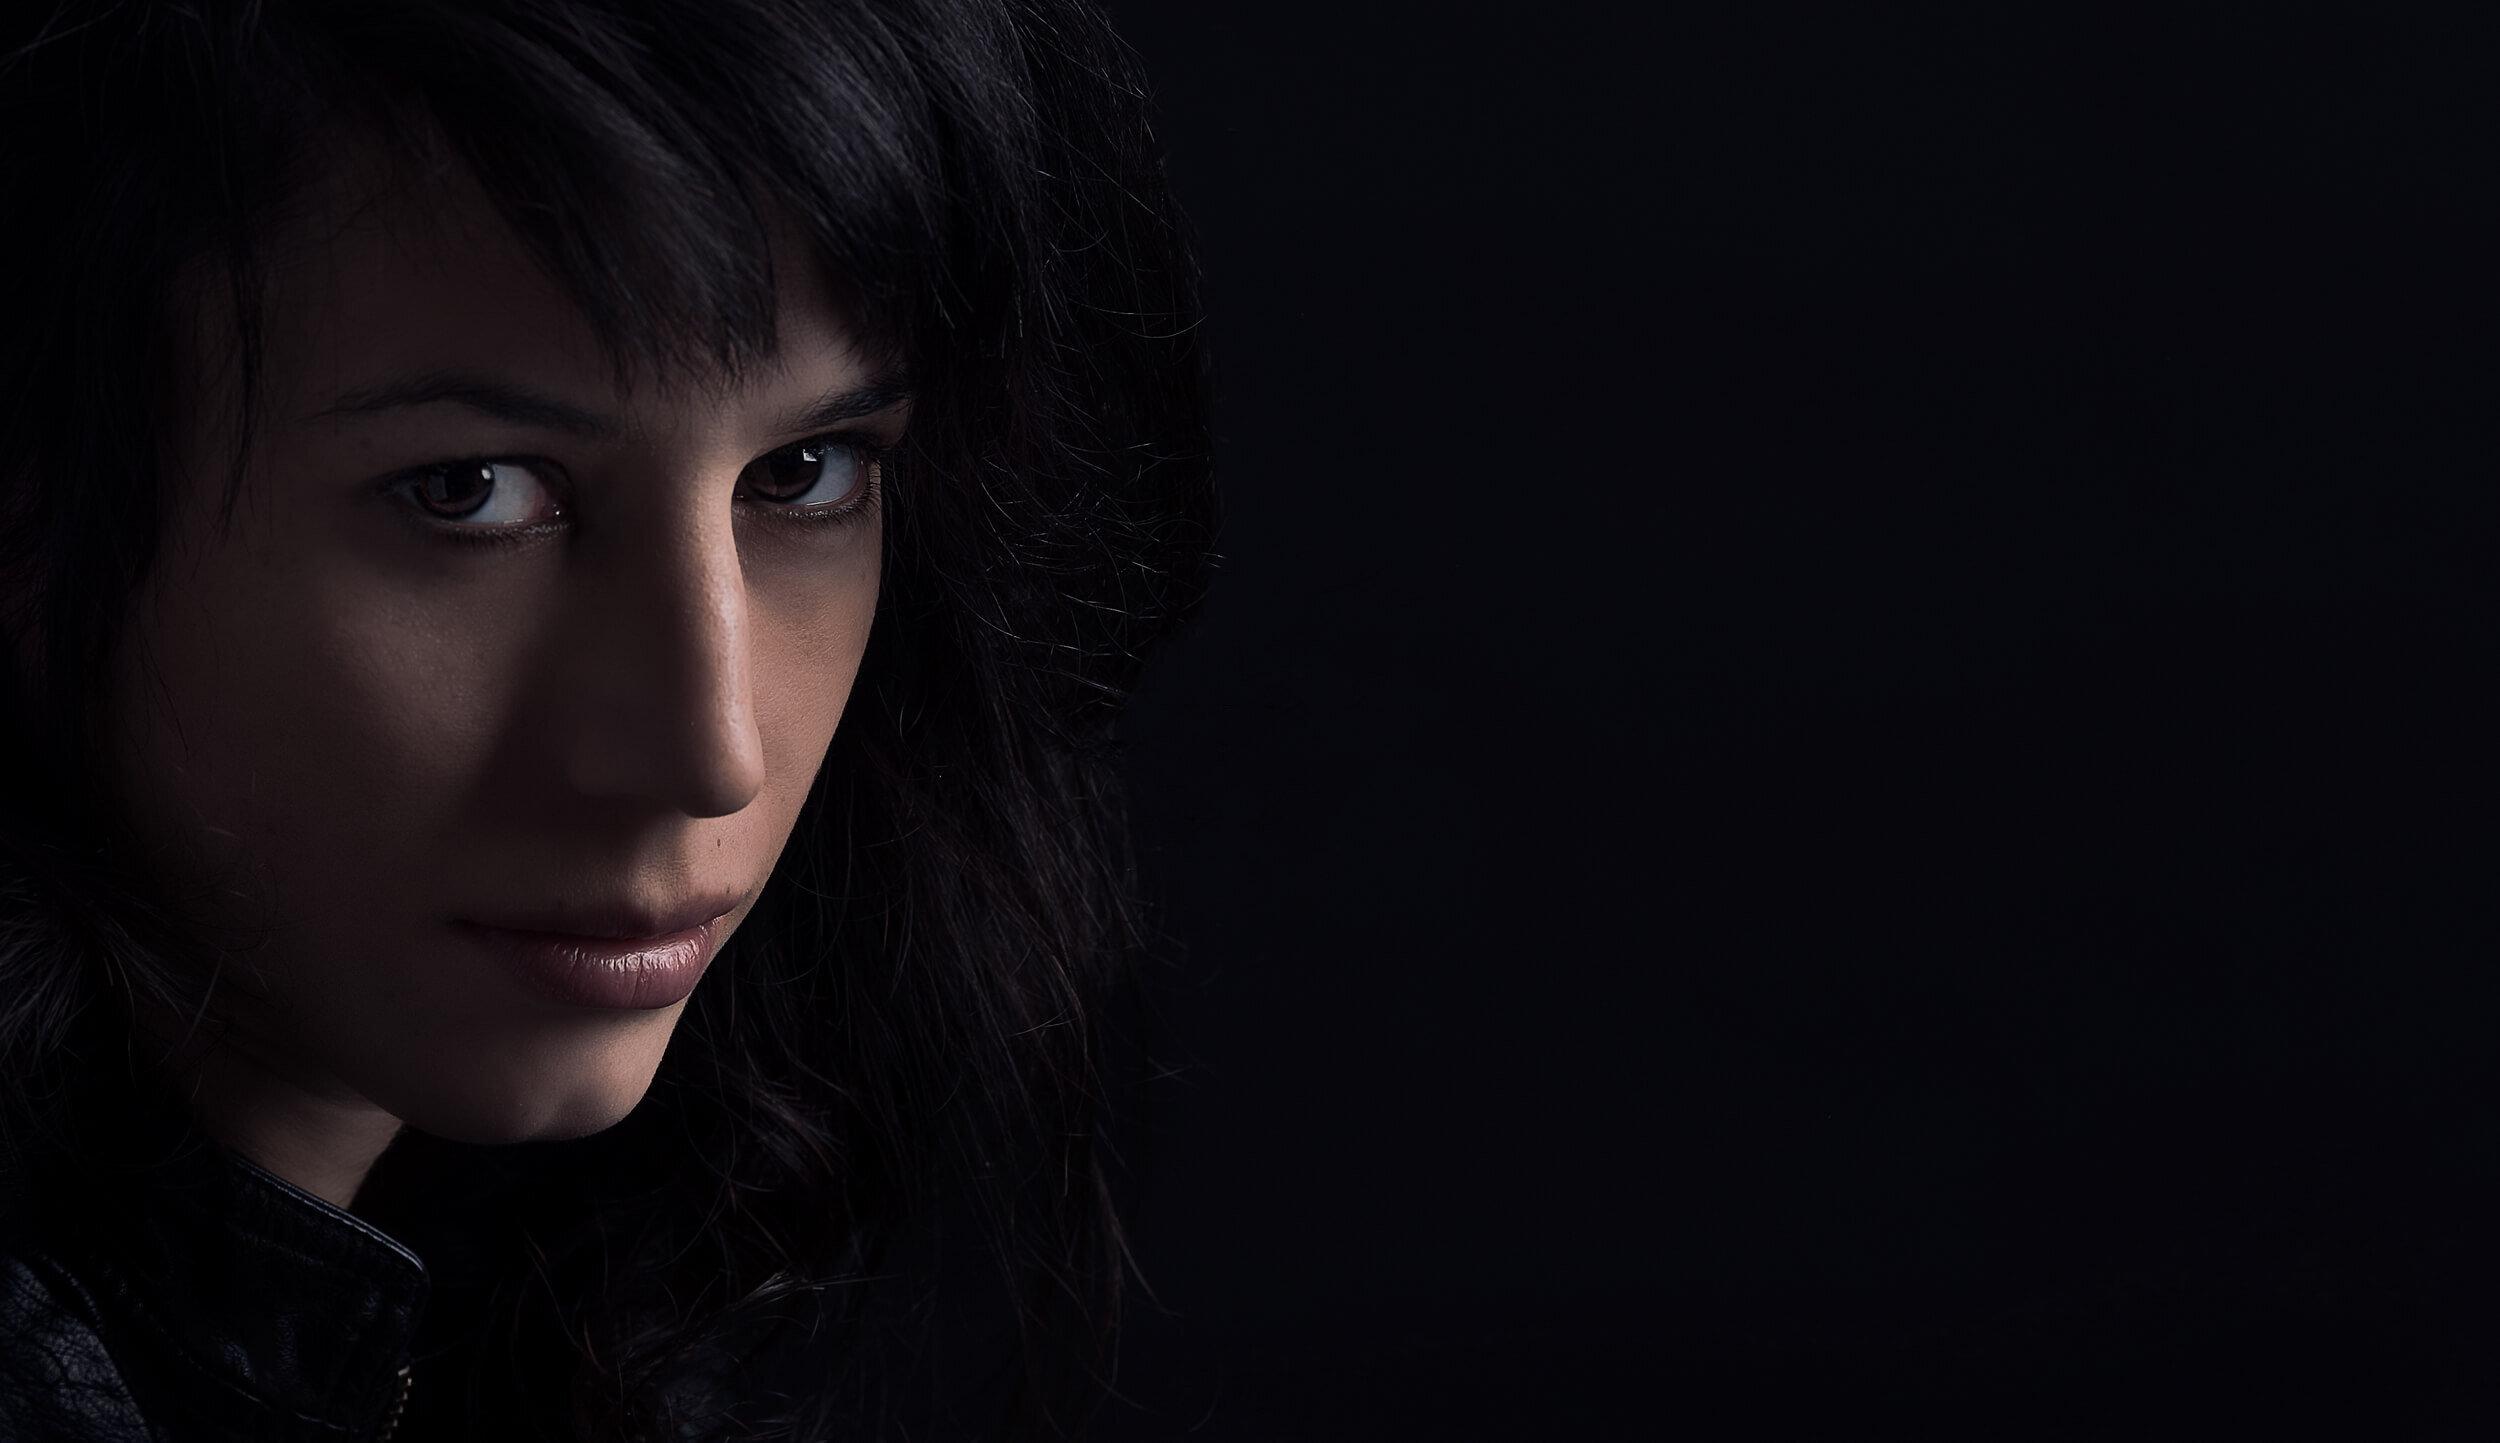 צילום פורטרט אומנותי - בחורה על רקע שחור